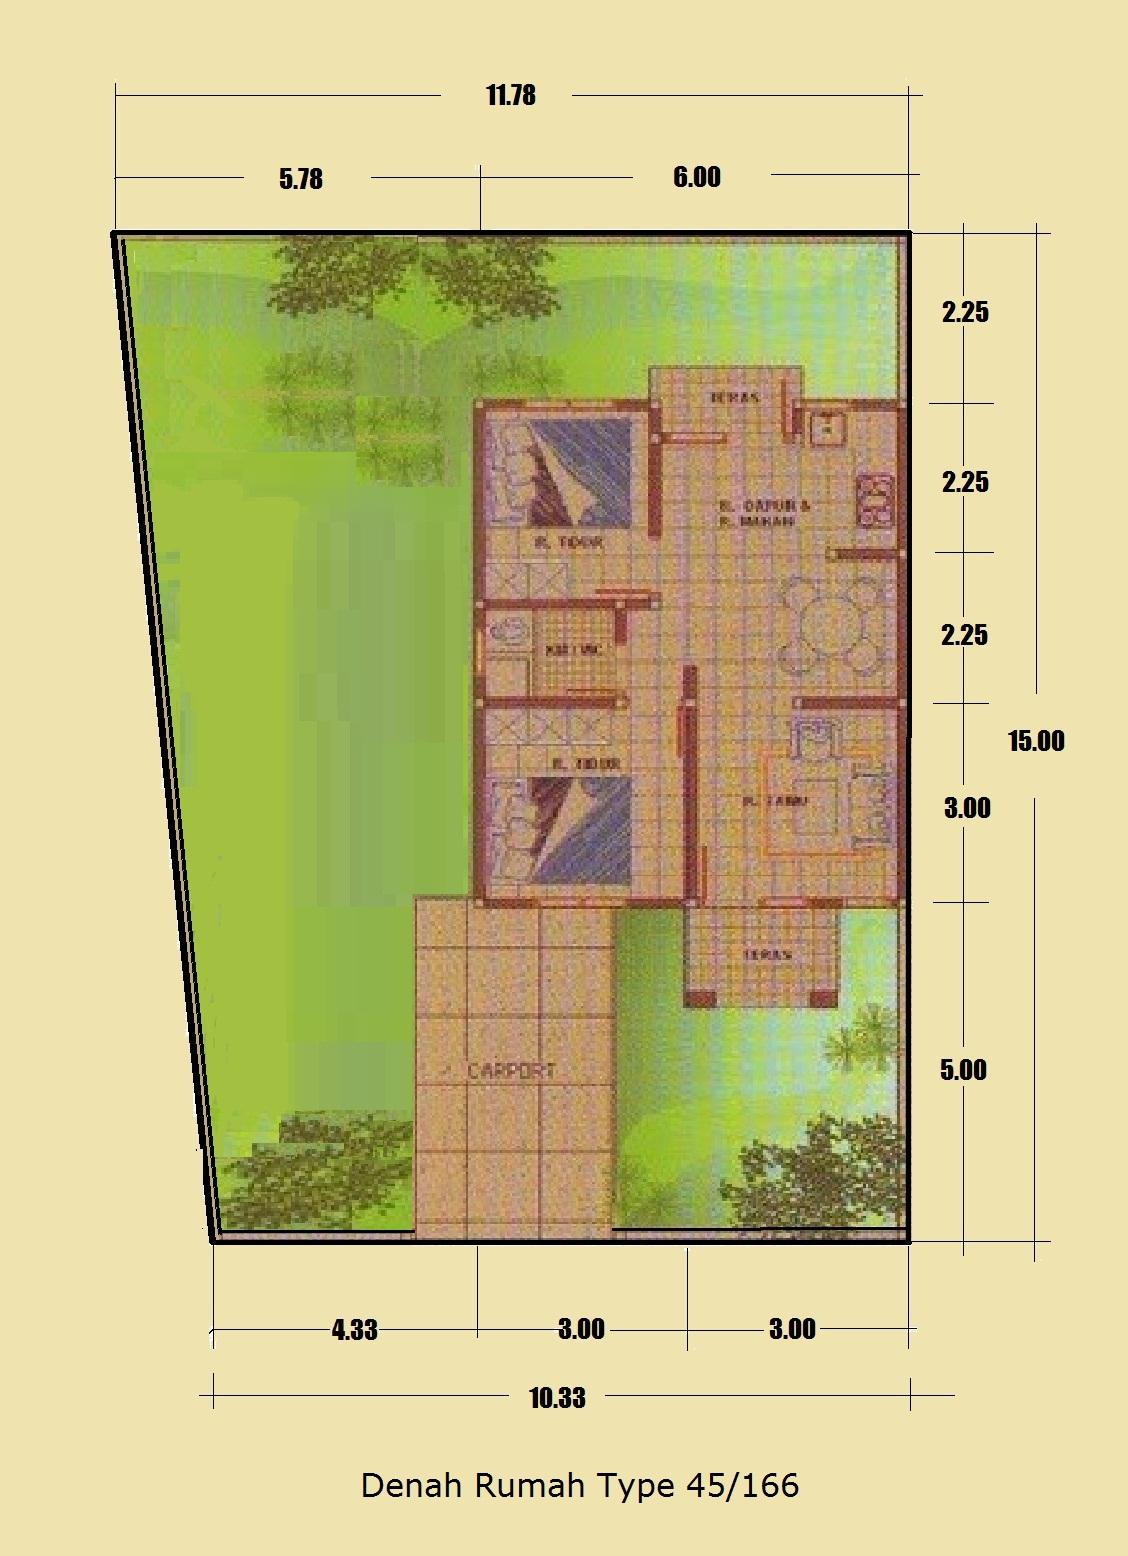 65 Desain Rumah Minimalis Halaman Luas Desain Rumah Minimalis Terbaru